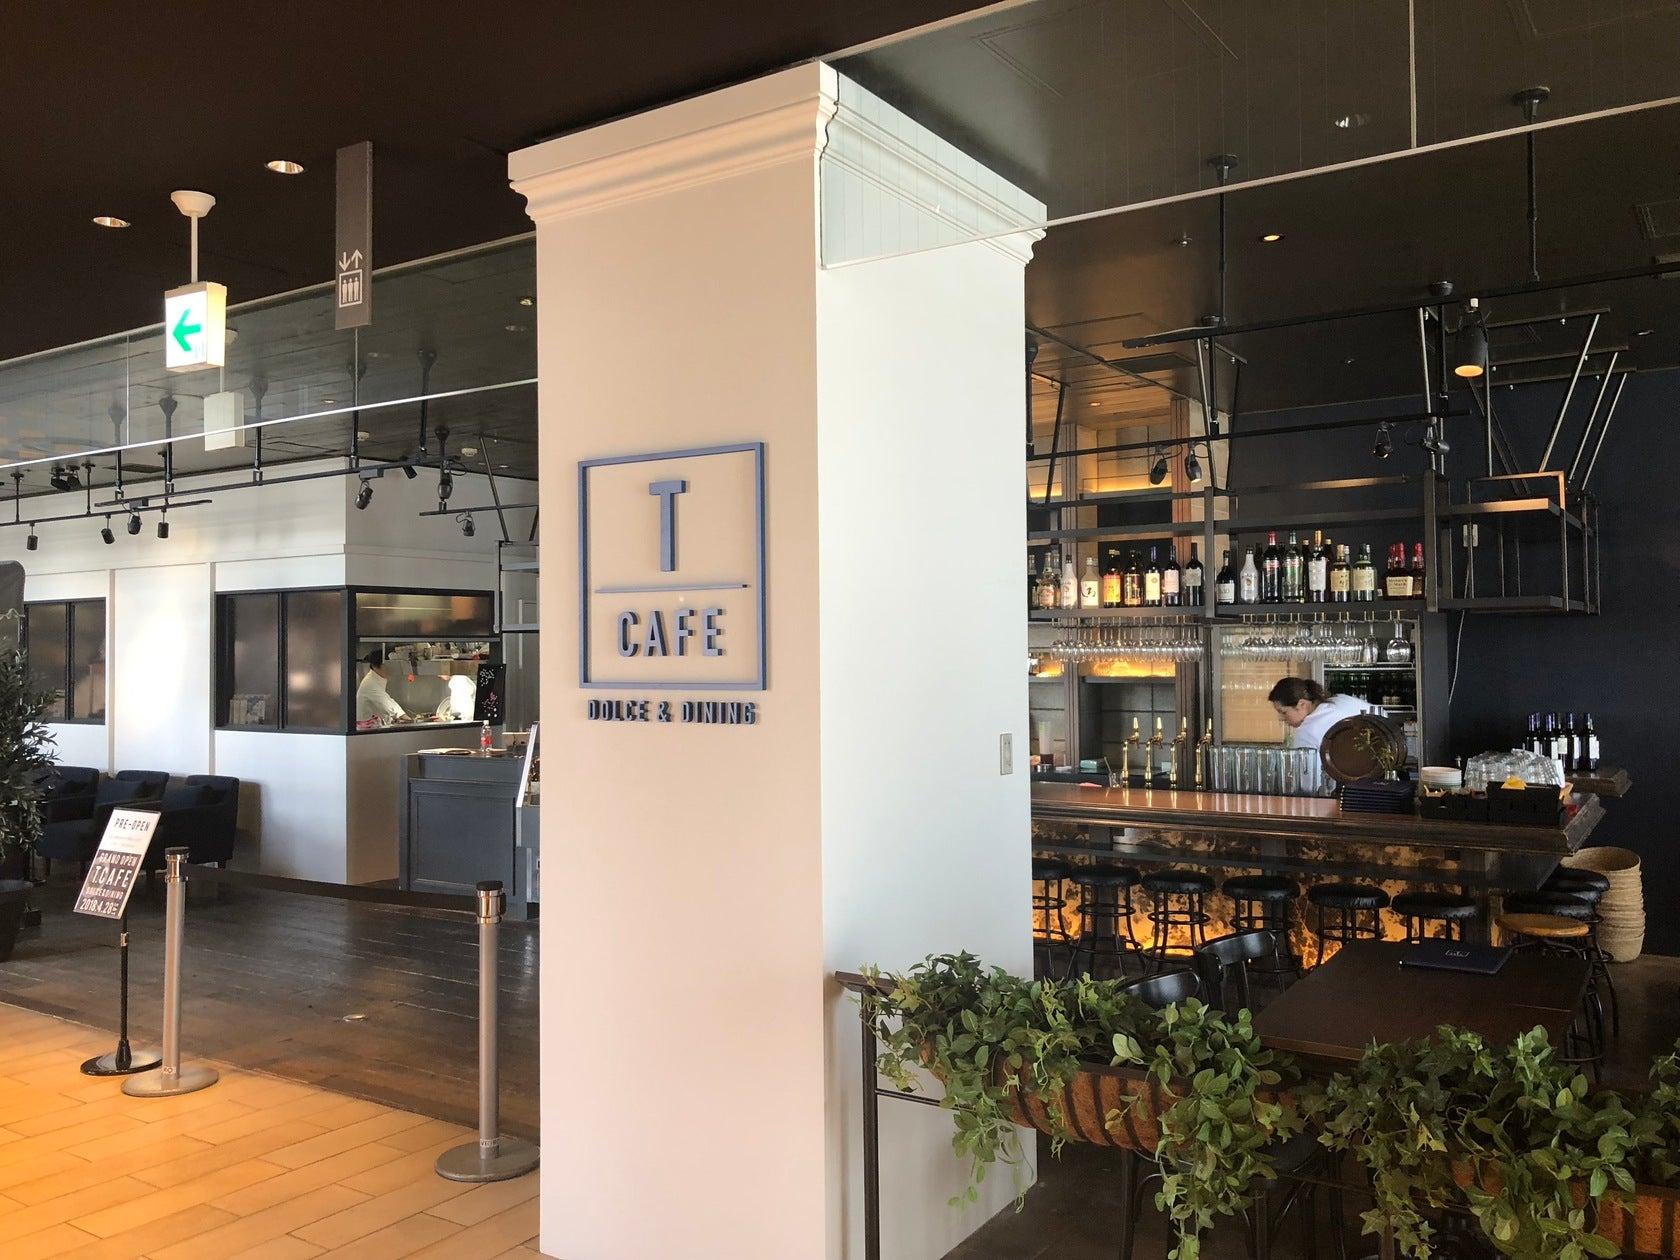 おしゃれなカフェスペースで、パーティー・会議・イベント利用などにぜひ!!(T.CAFE  おしゃれなカフェスペースで、パーティーや会議などの利用にぜひ!!) の写真0